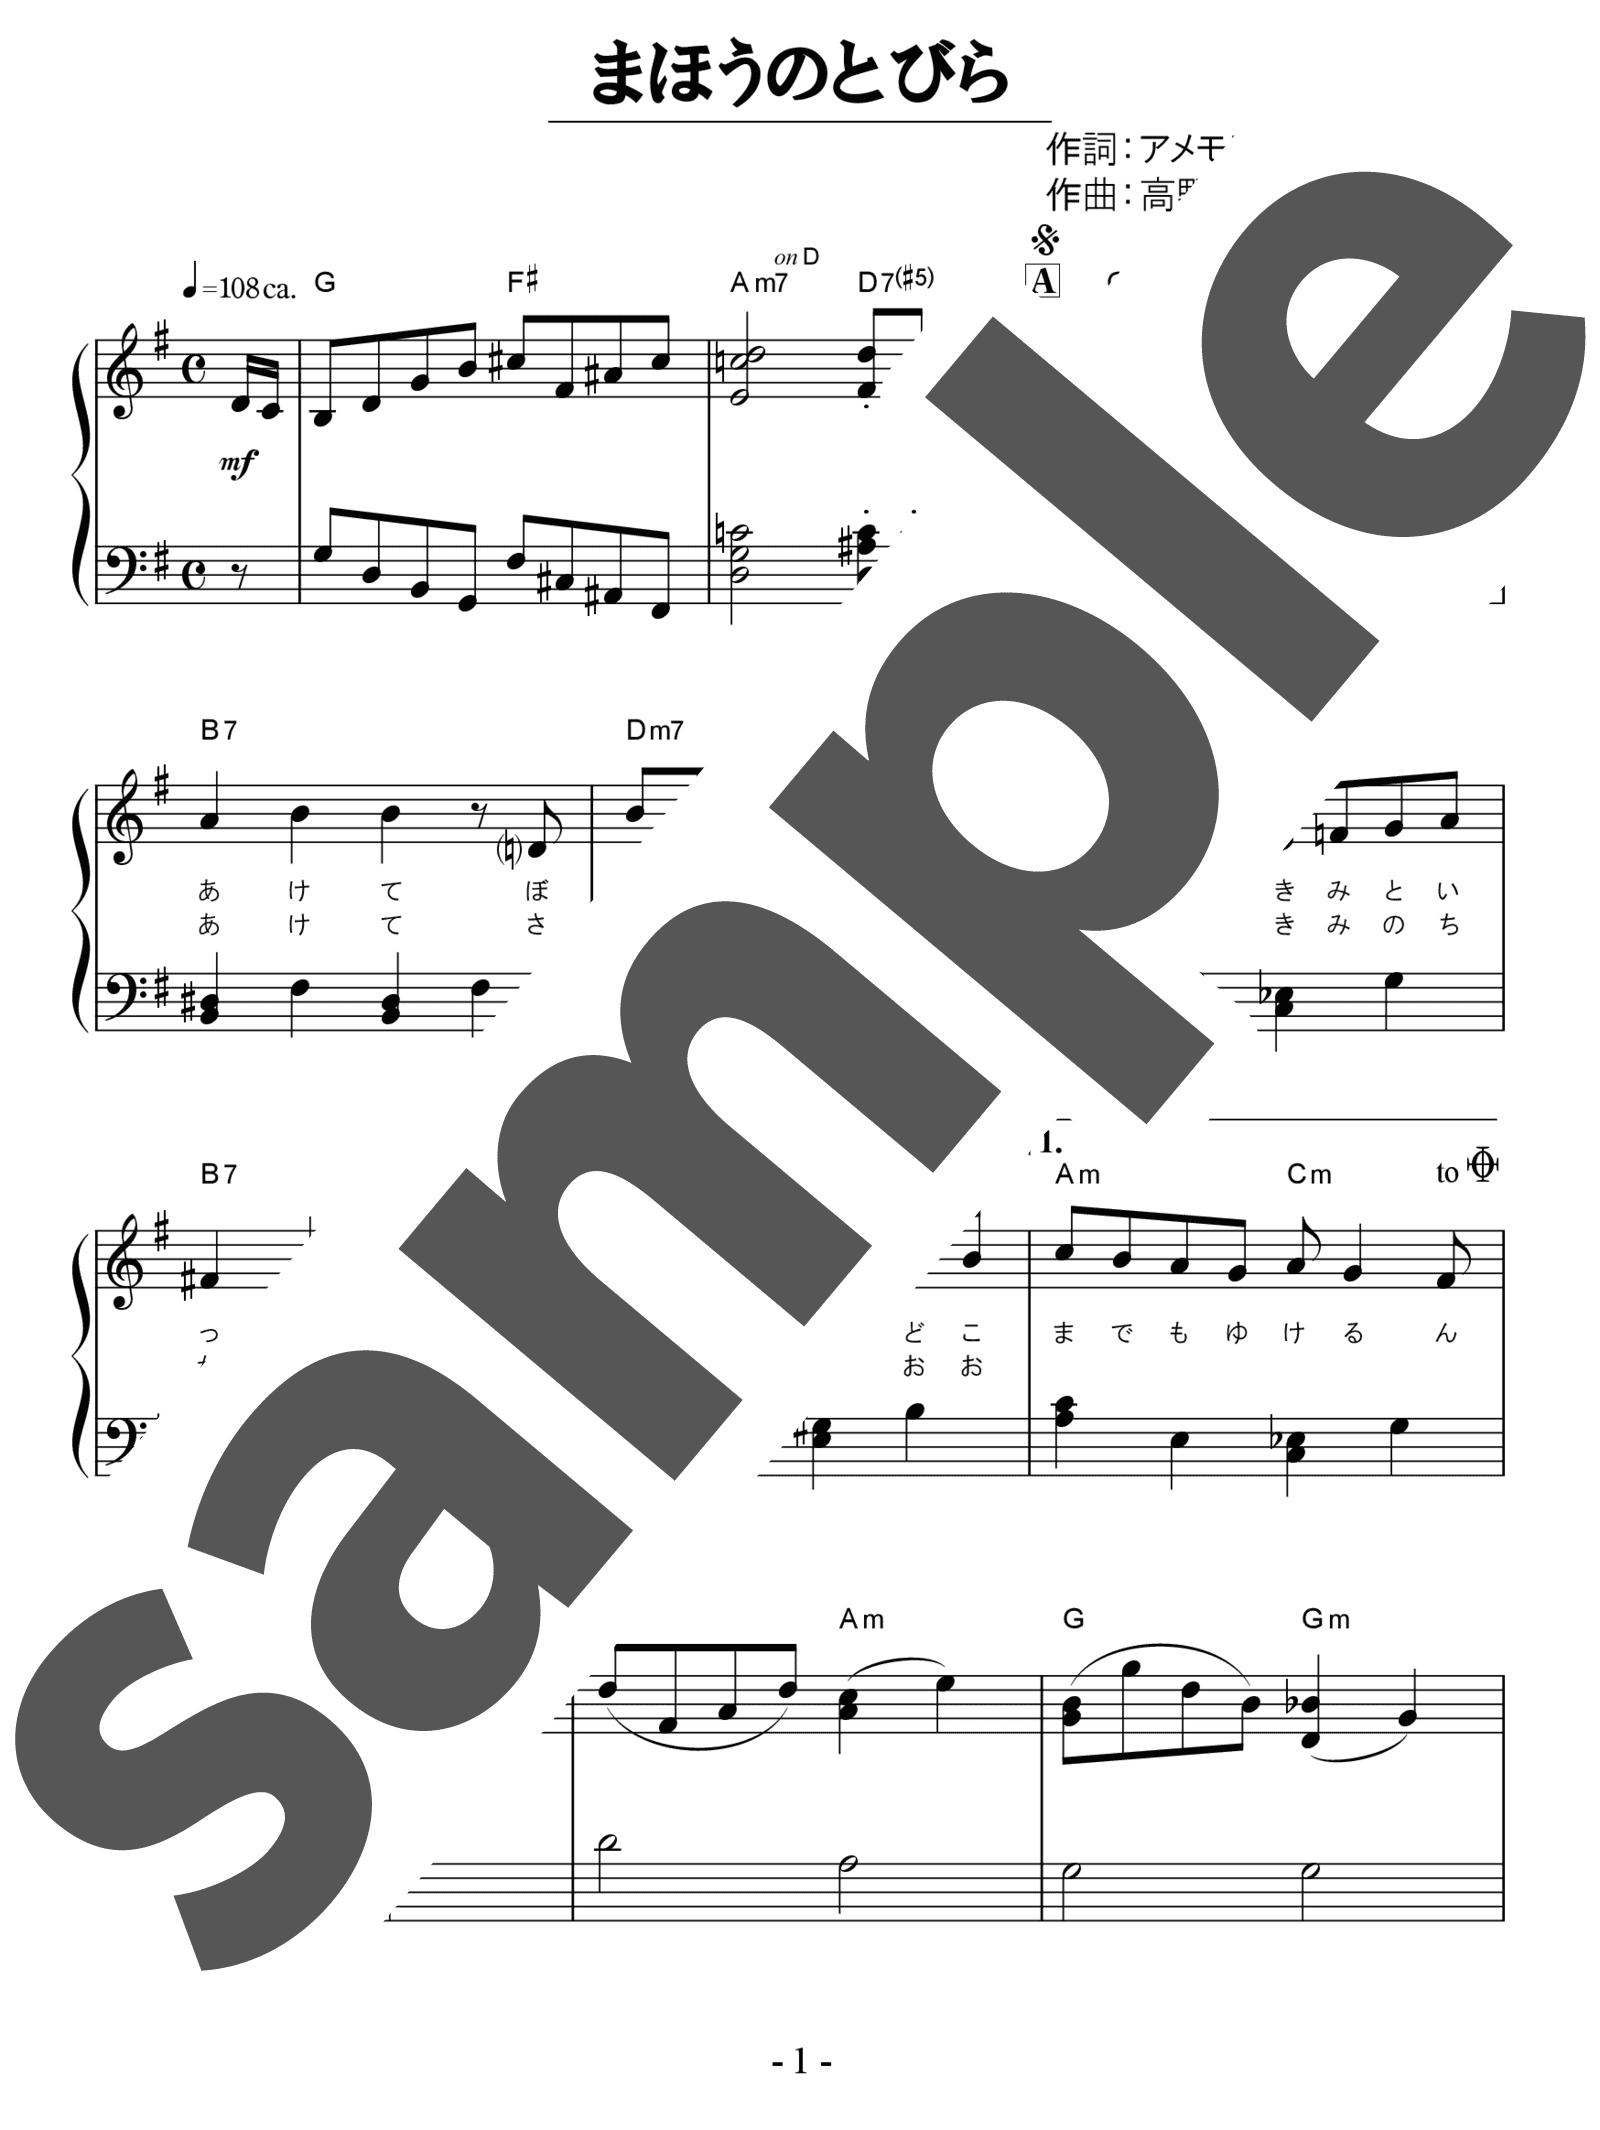 「まほうのとびら」のサンプル楽譜